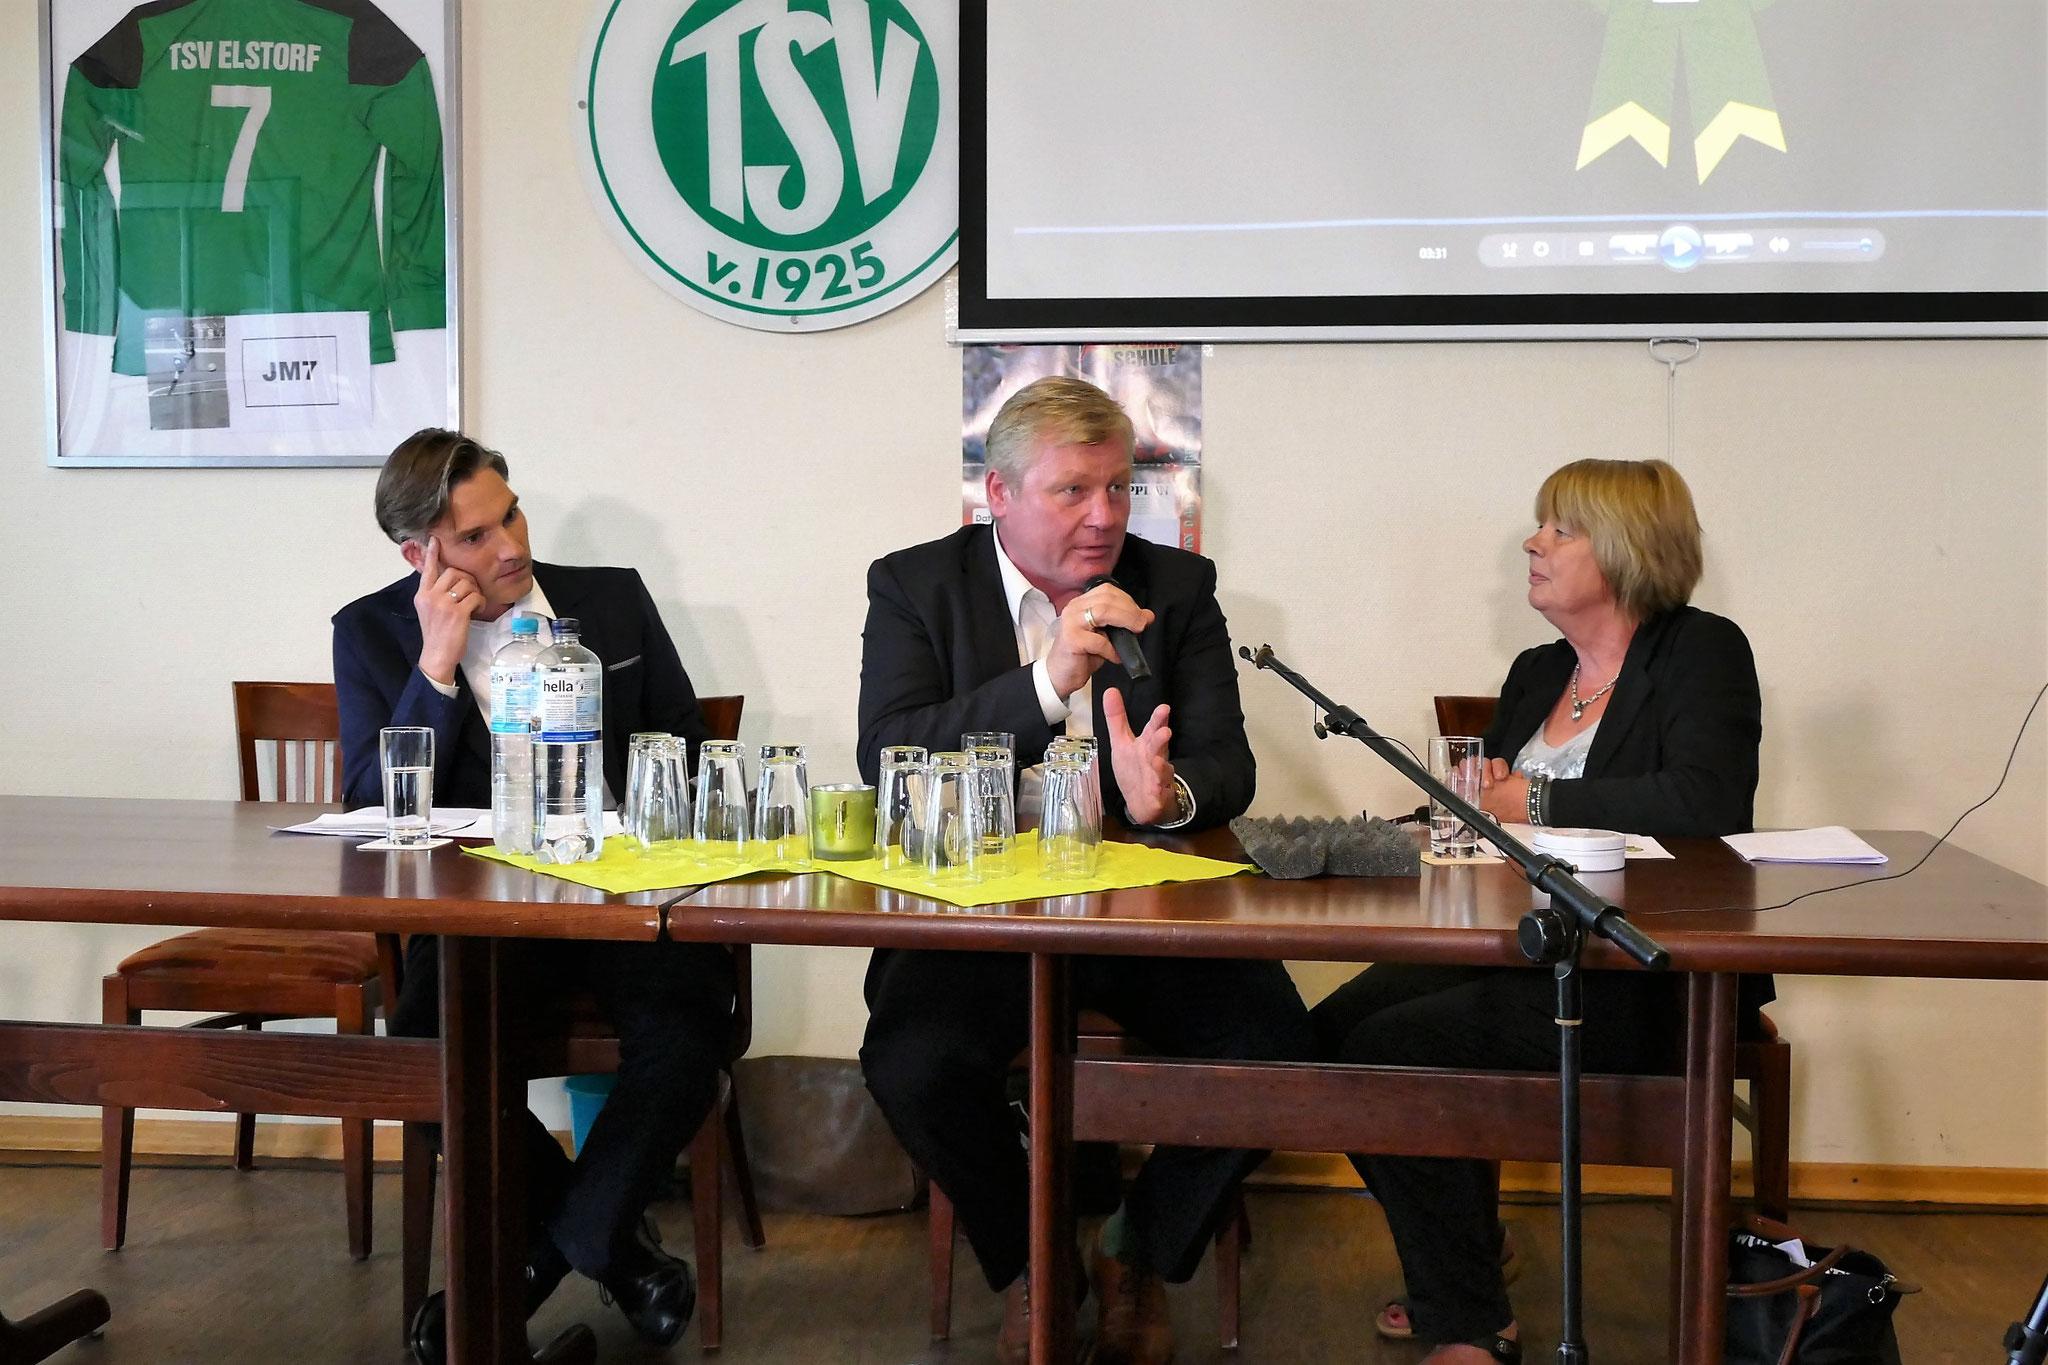 ... als  Co-Moderator Thomas Goltz (SPD, li.) einen lockeren Talk mit Dr. Bernd Althusmann (CDU) startet